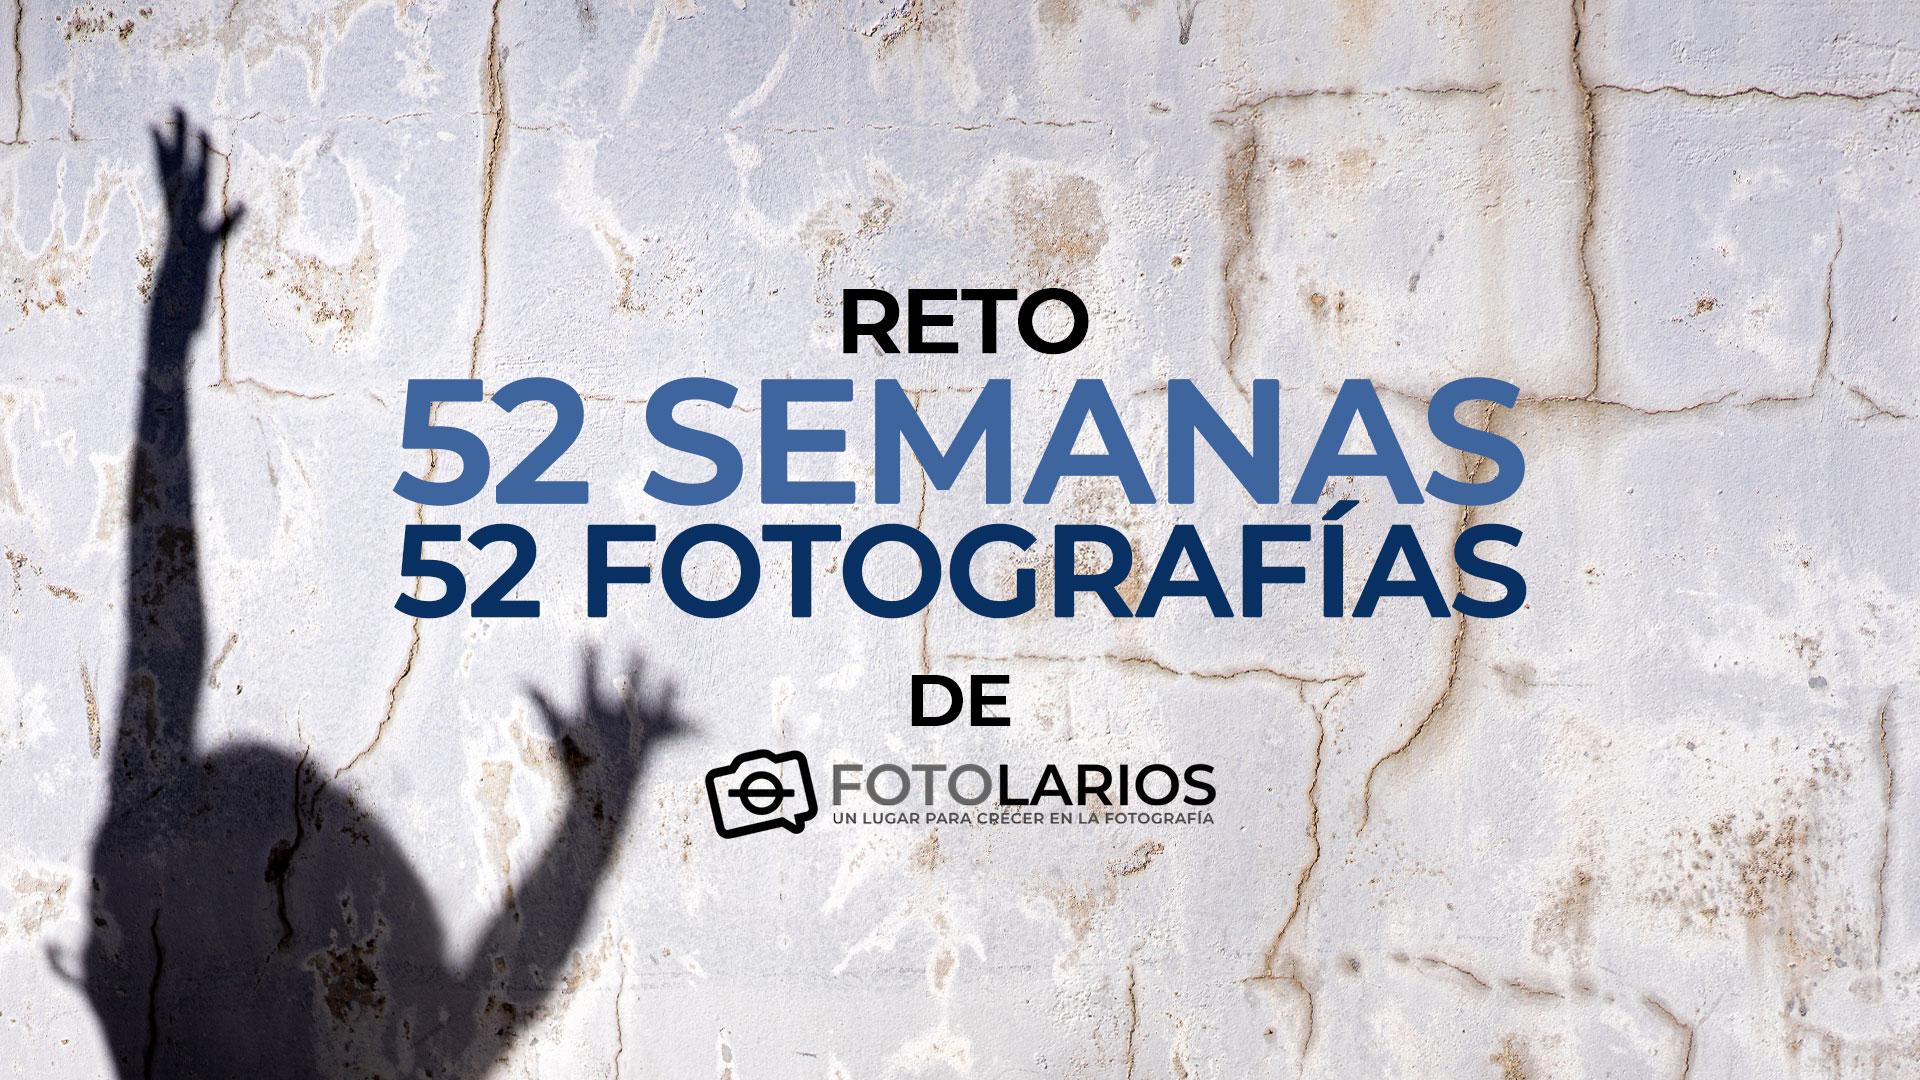 Reto 52 semanas, 52 Fotografías de Fotolarios